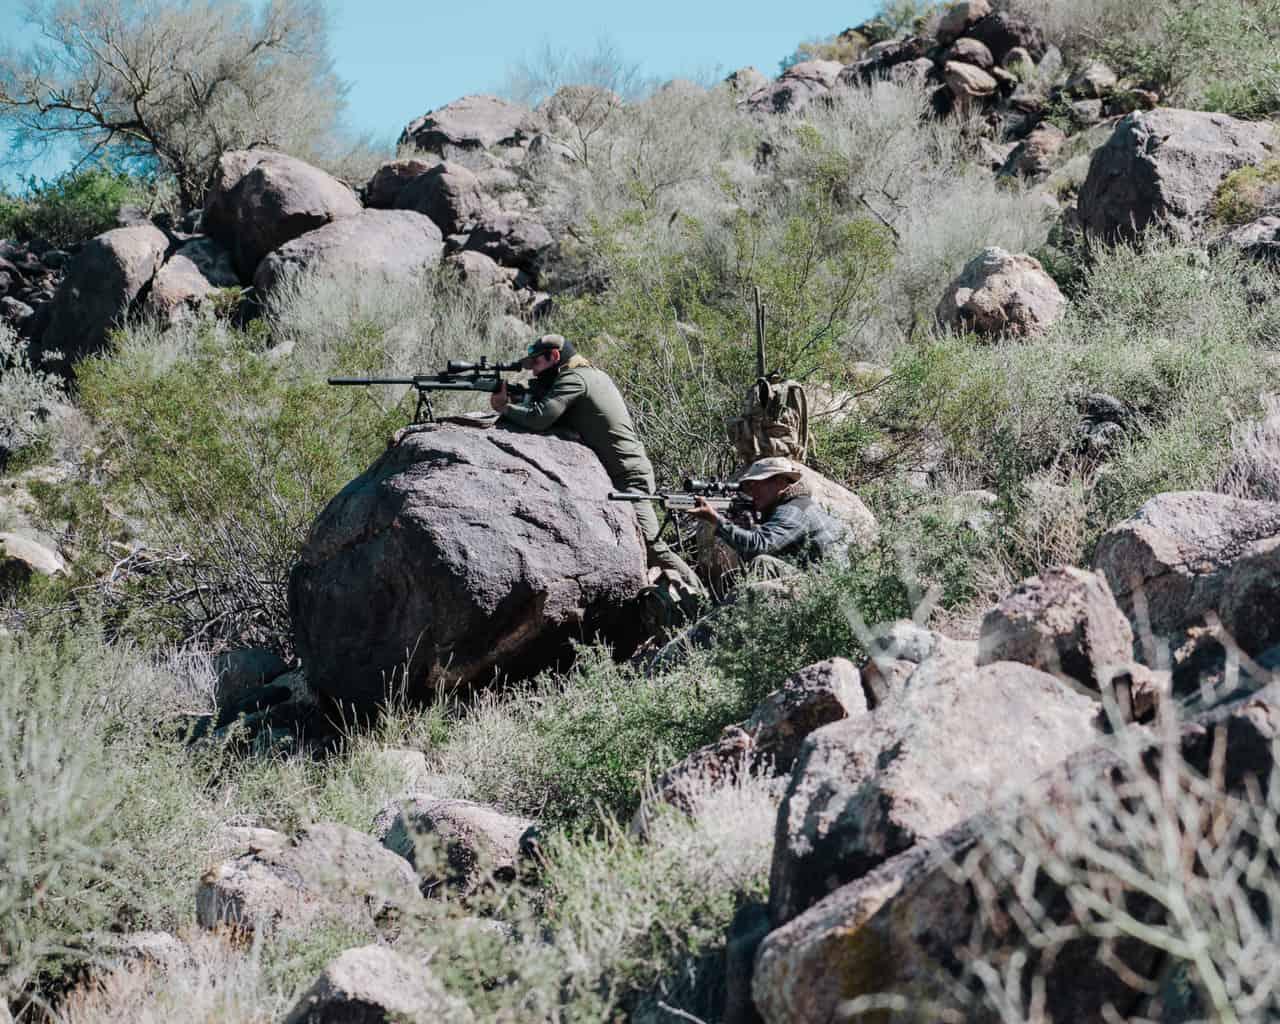 advanced-rural-sniper-course-11